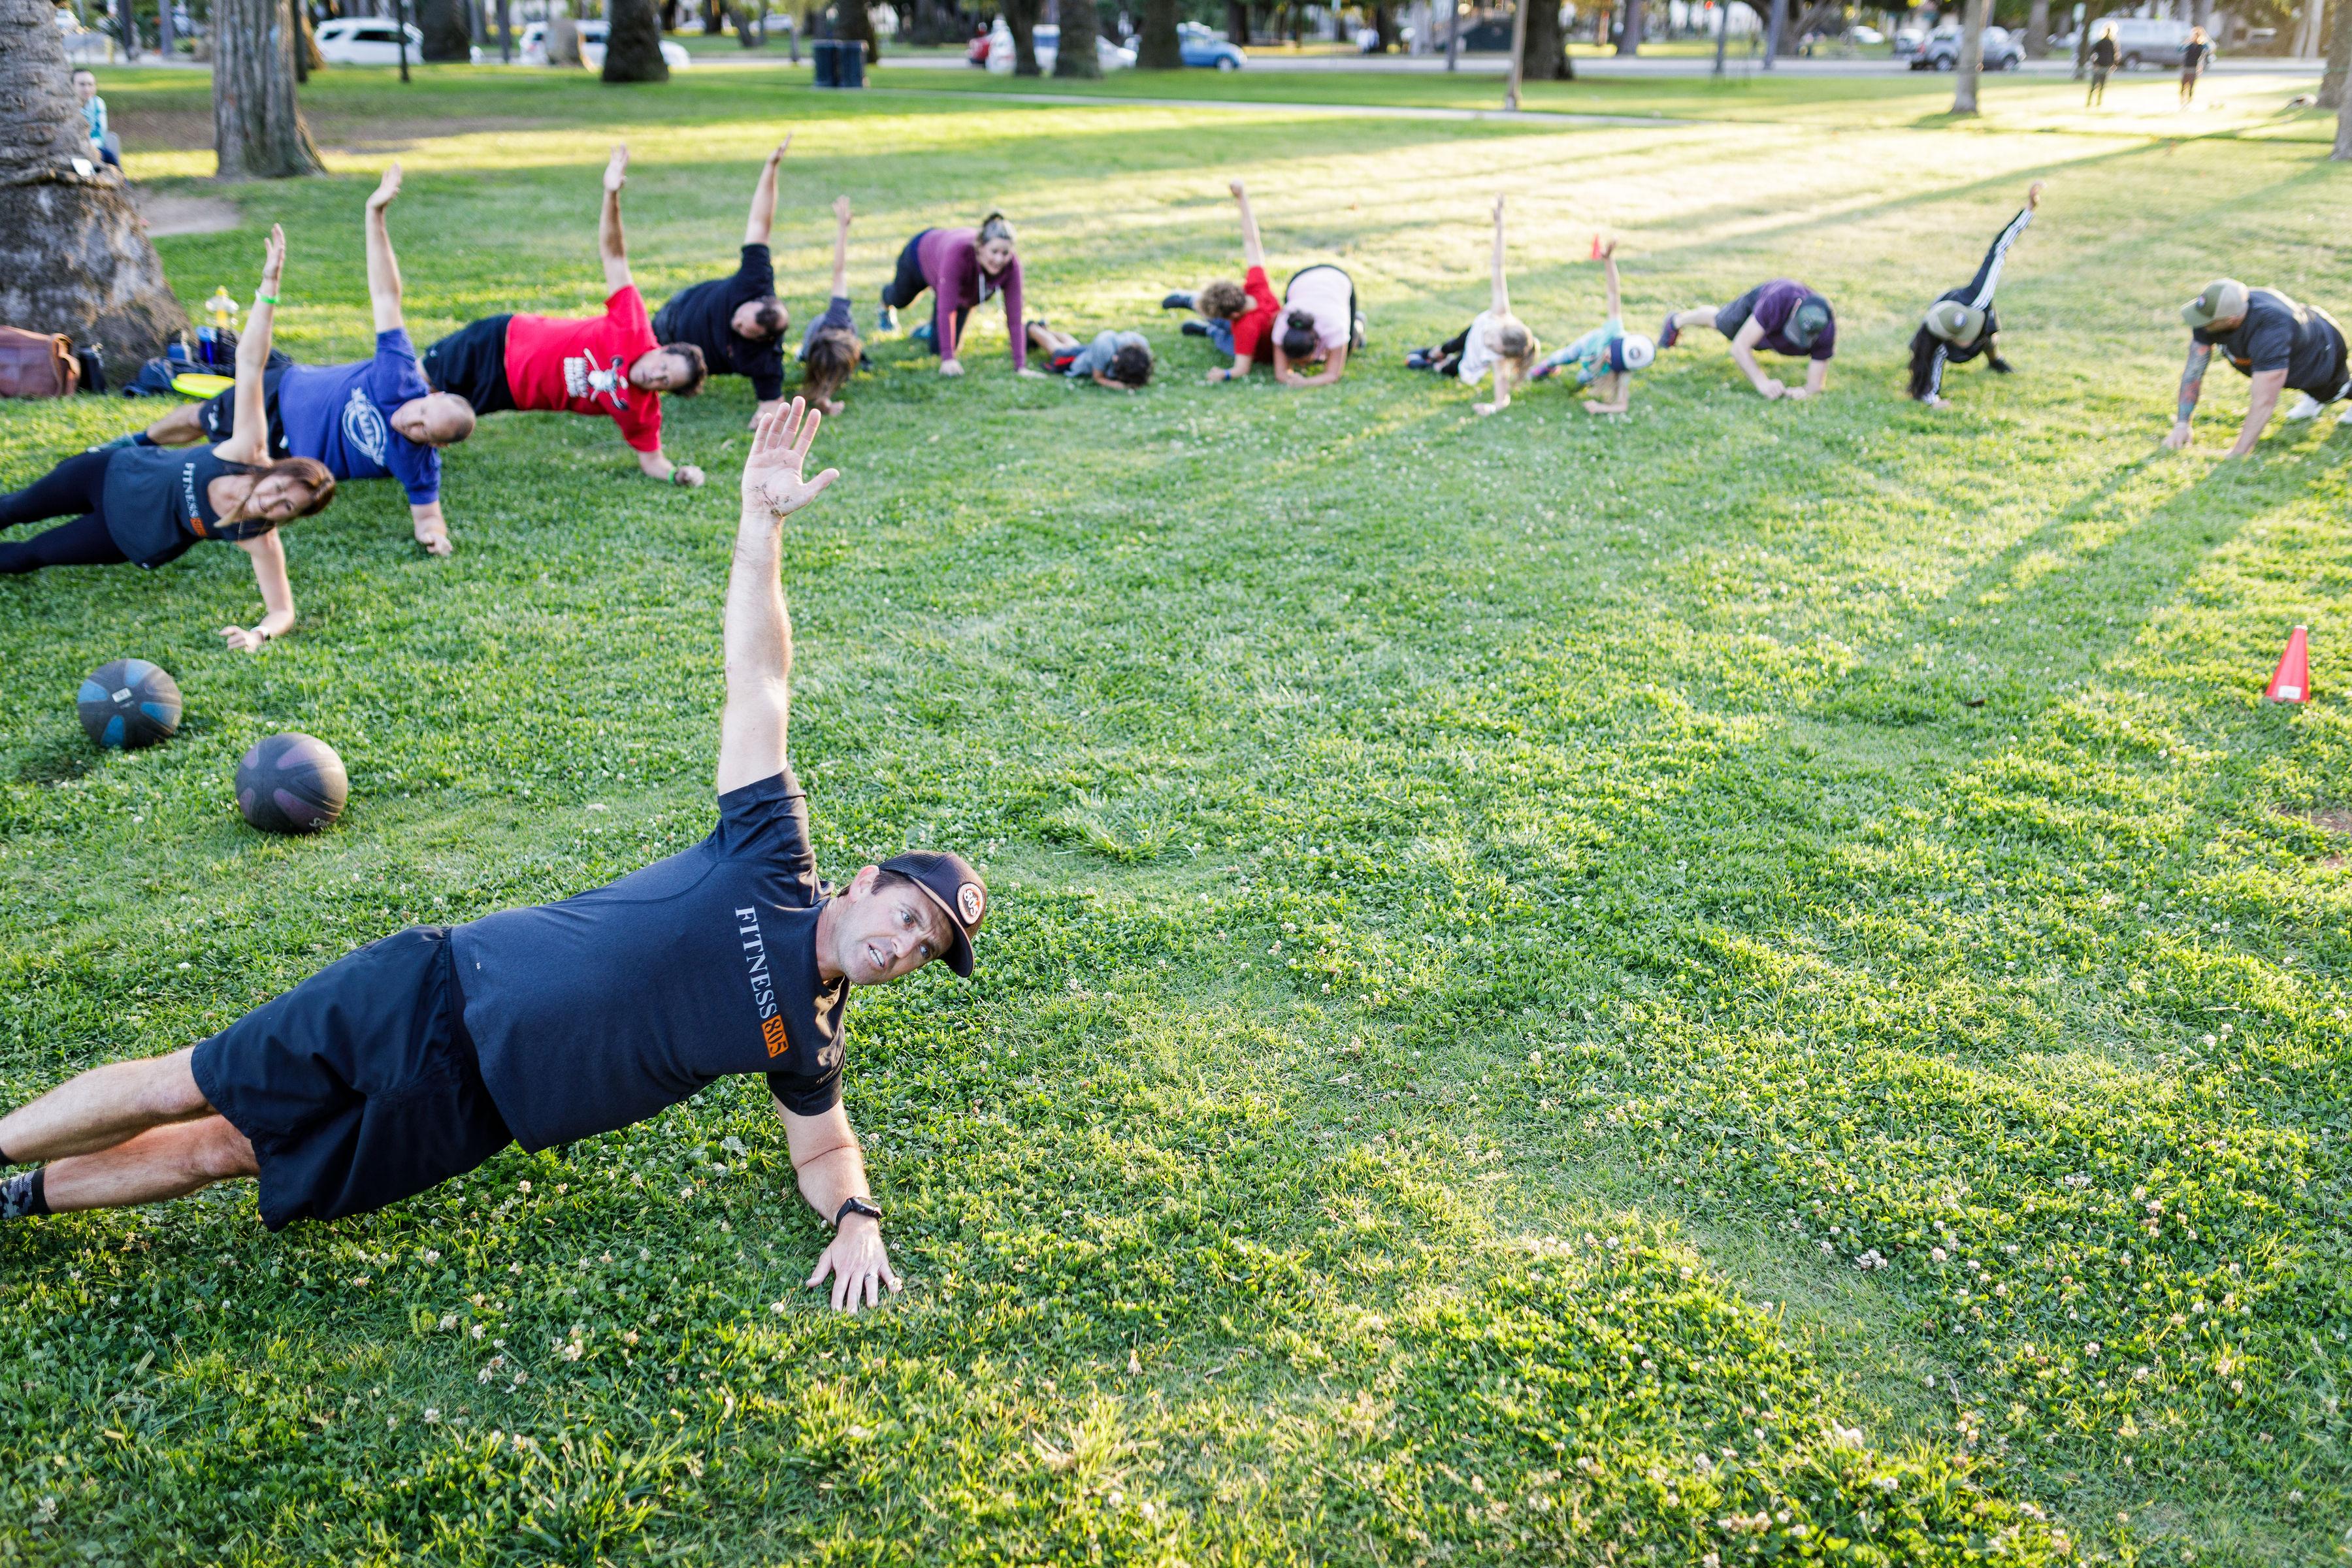 Weekly Workout Fundraises For Santa Barbara Nonprofits The Santa Barbara Independent